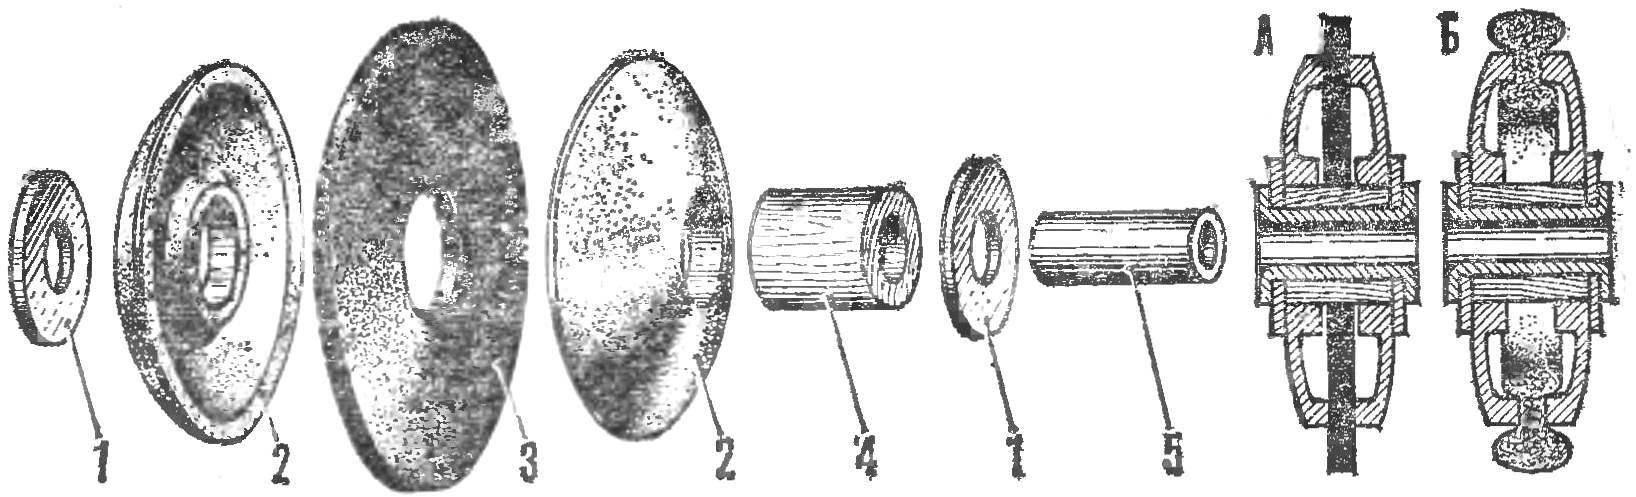 Конструкция самодельного колеса